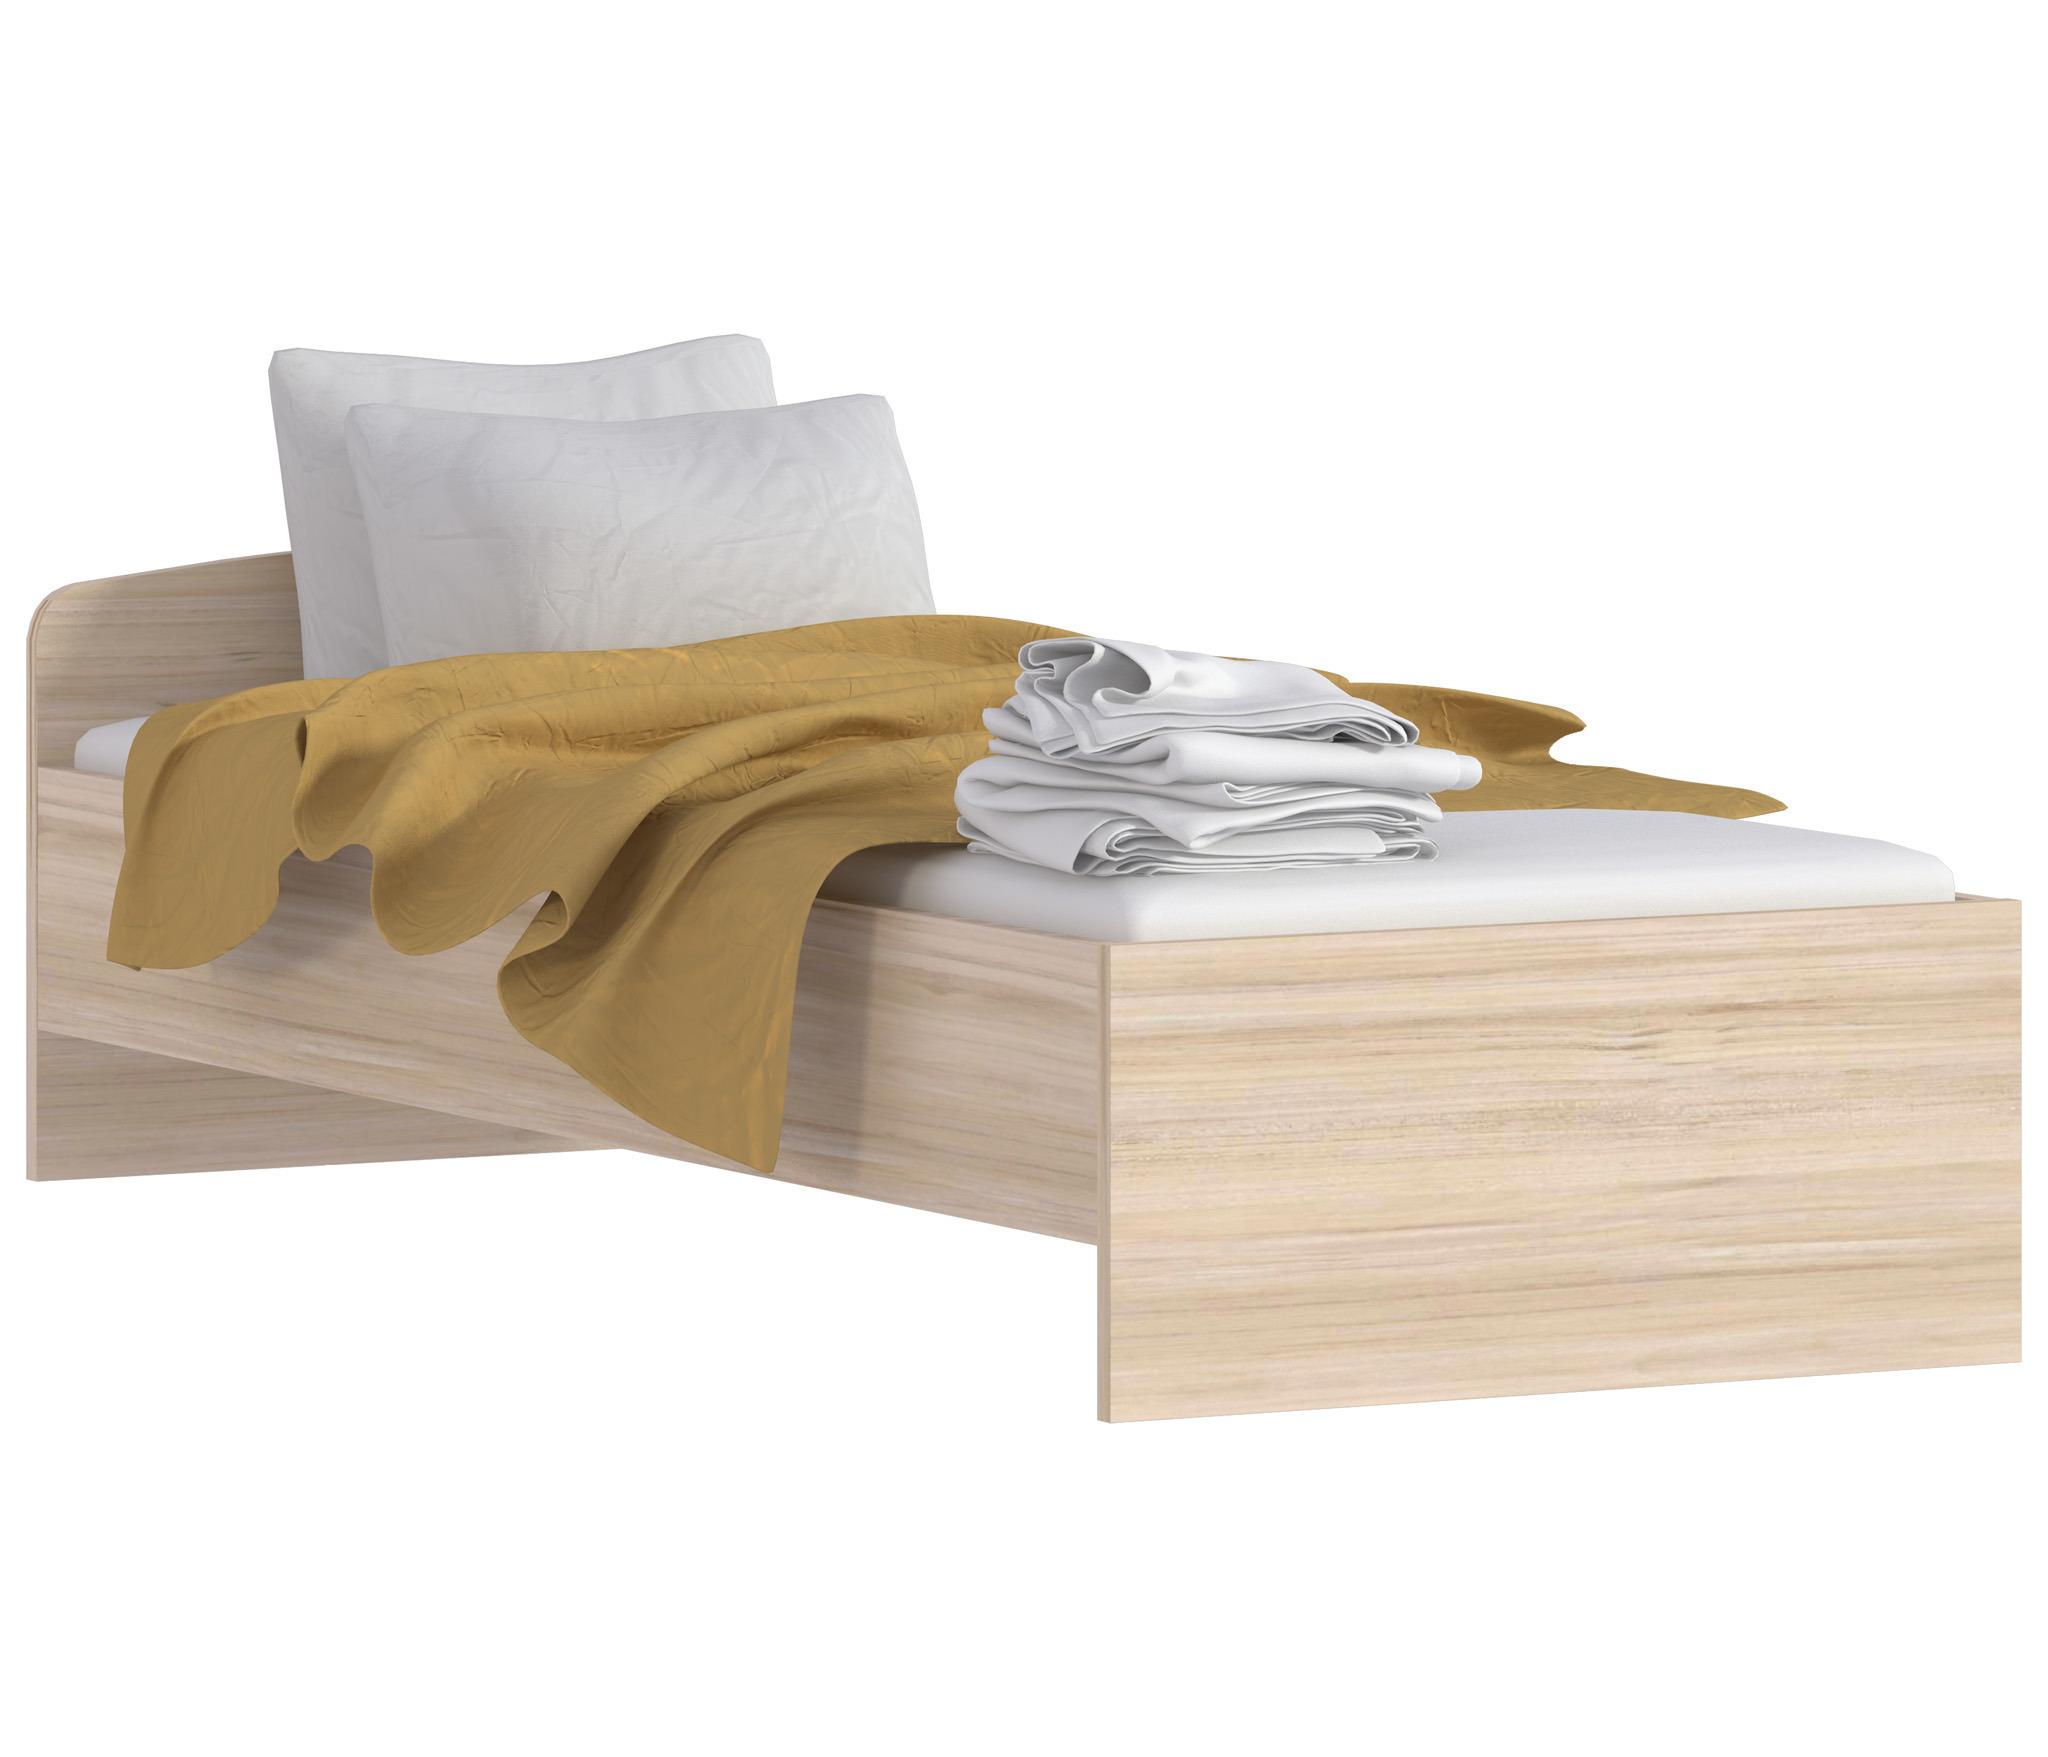 Детская двухъярусная кровать Столплит 15265174 от Столплит